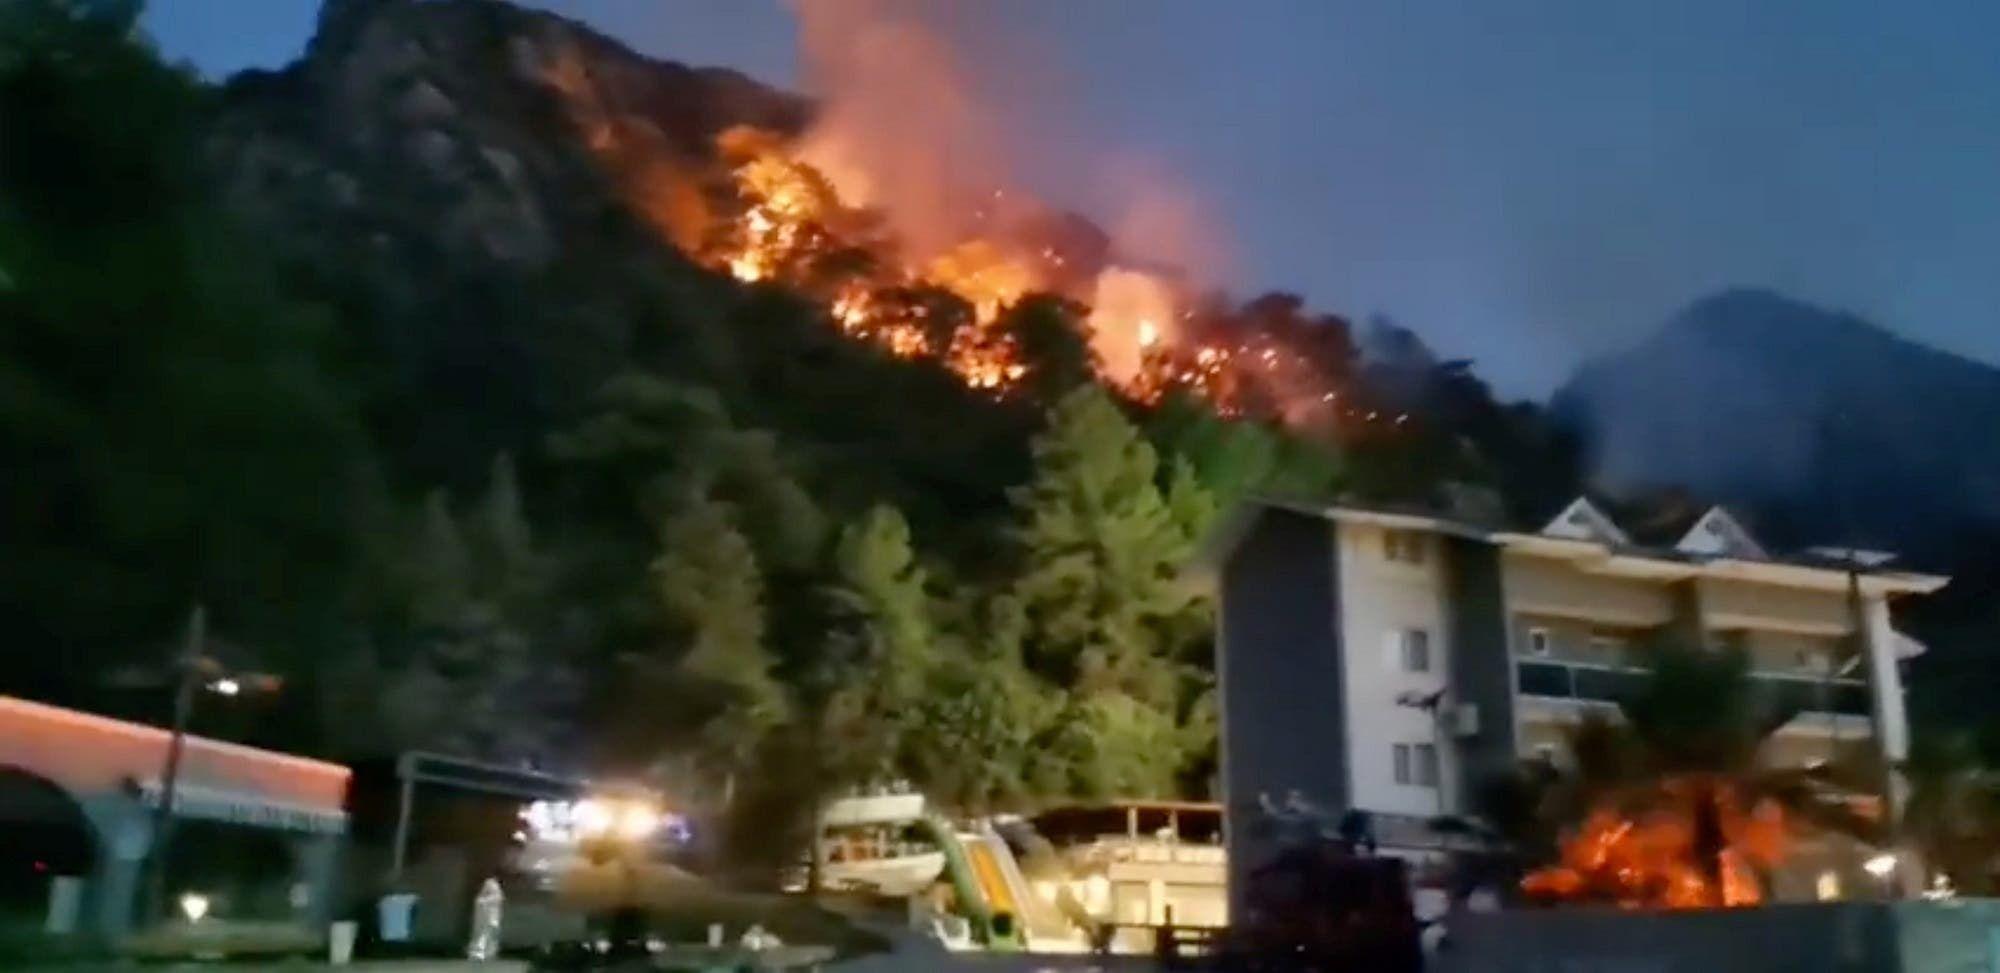 حرائق غابات بالقرب من مرمريس بتركيا (أرشيفية من رويترز)